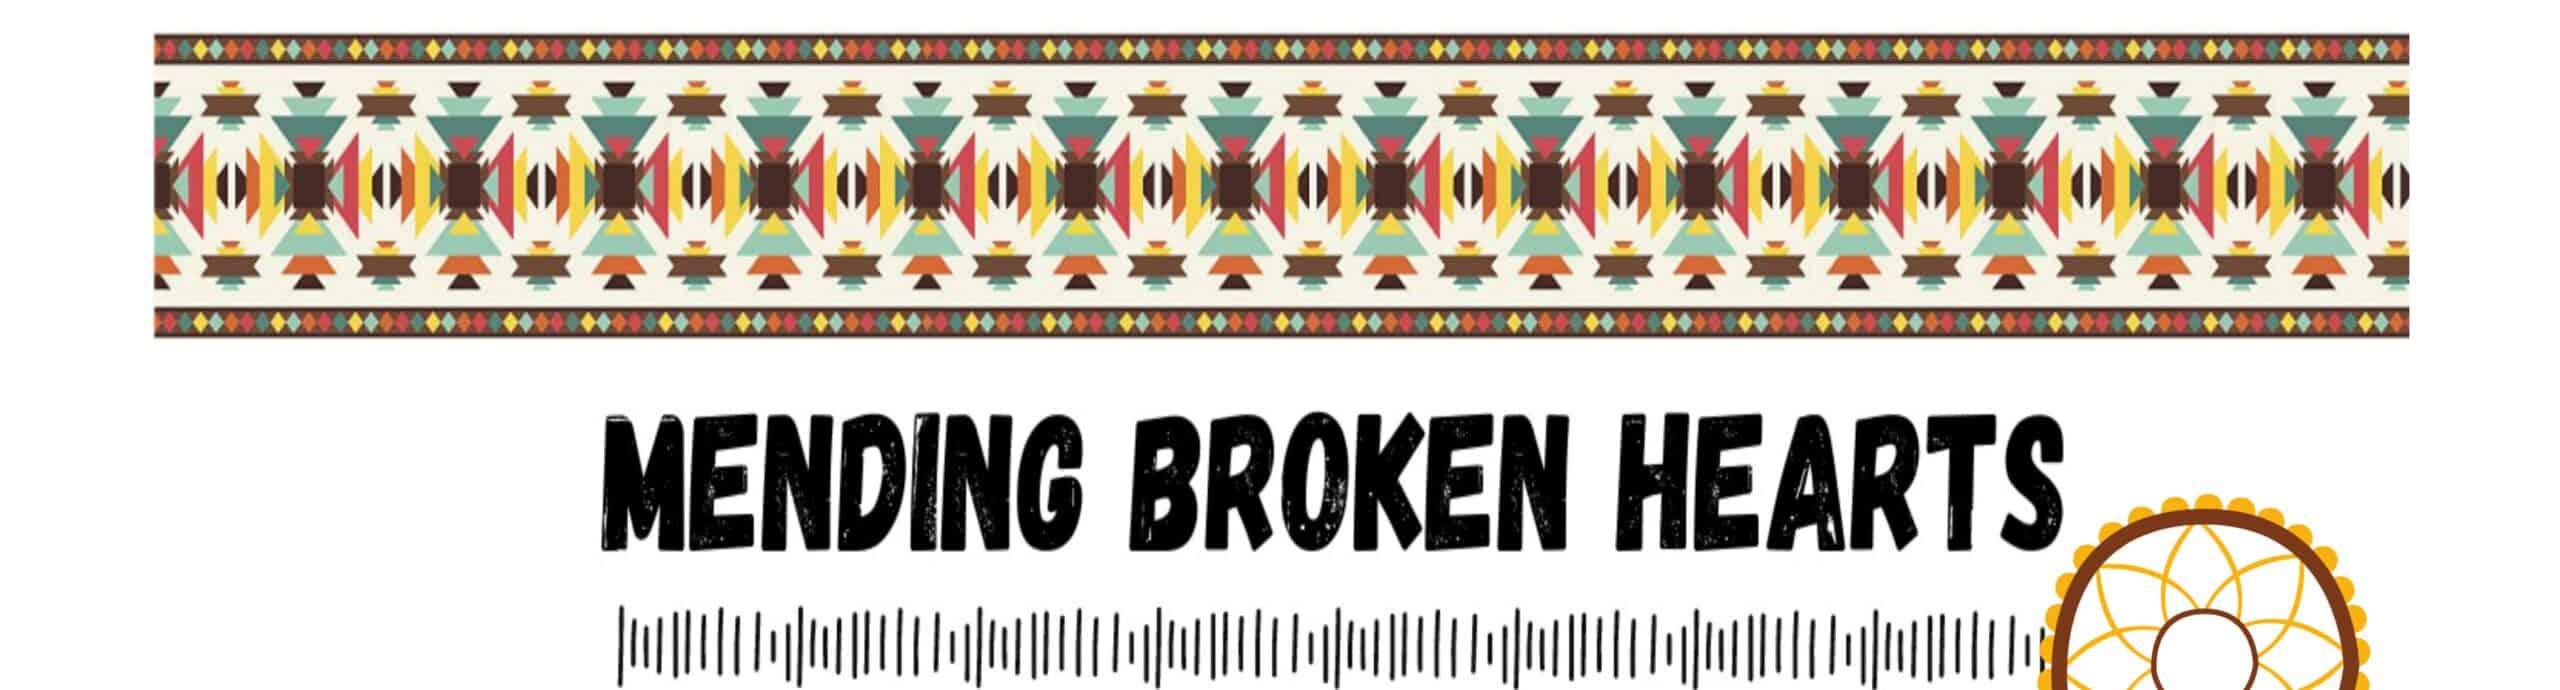 Mending Broken Hearts Training (May 24-26, 2022)